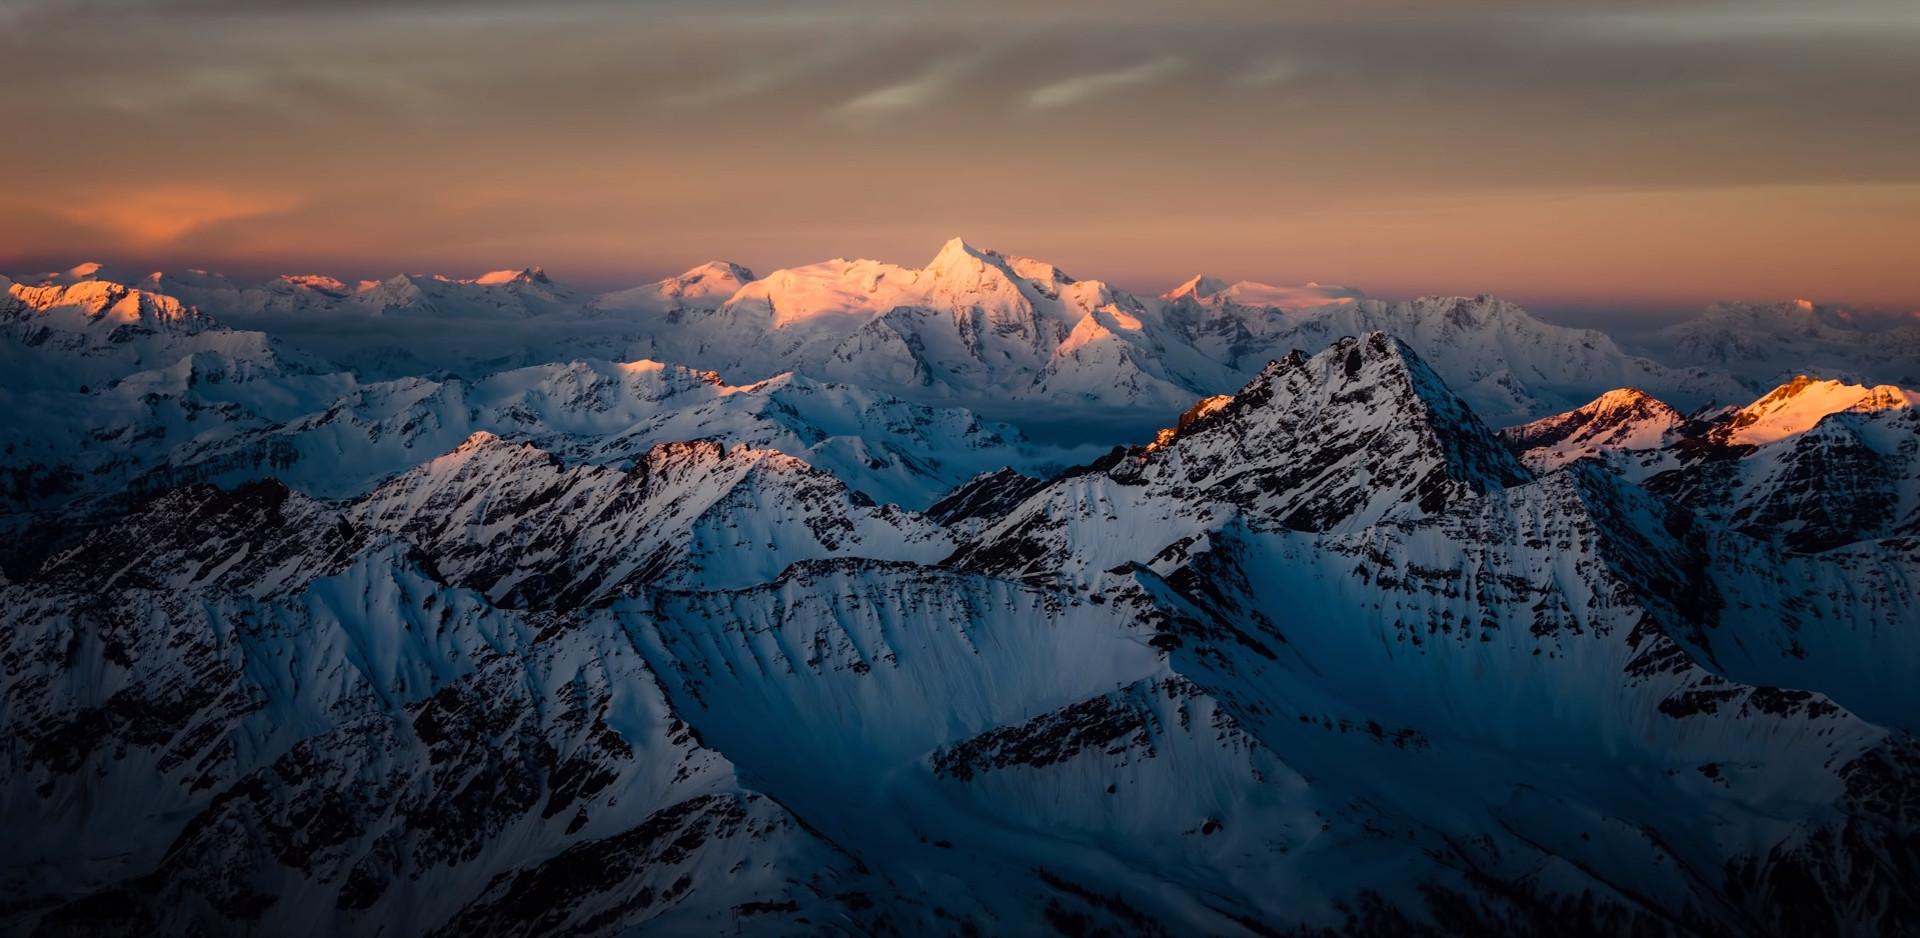 Ледник на Монблане